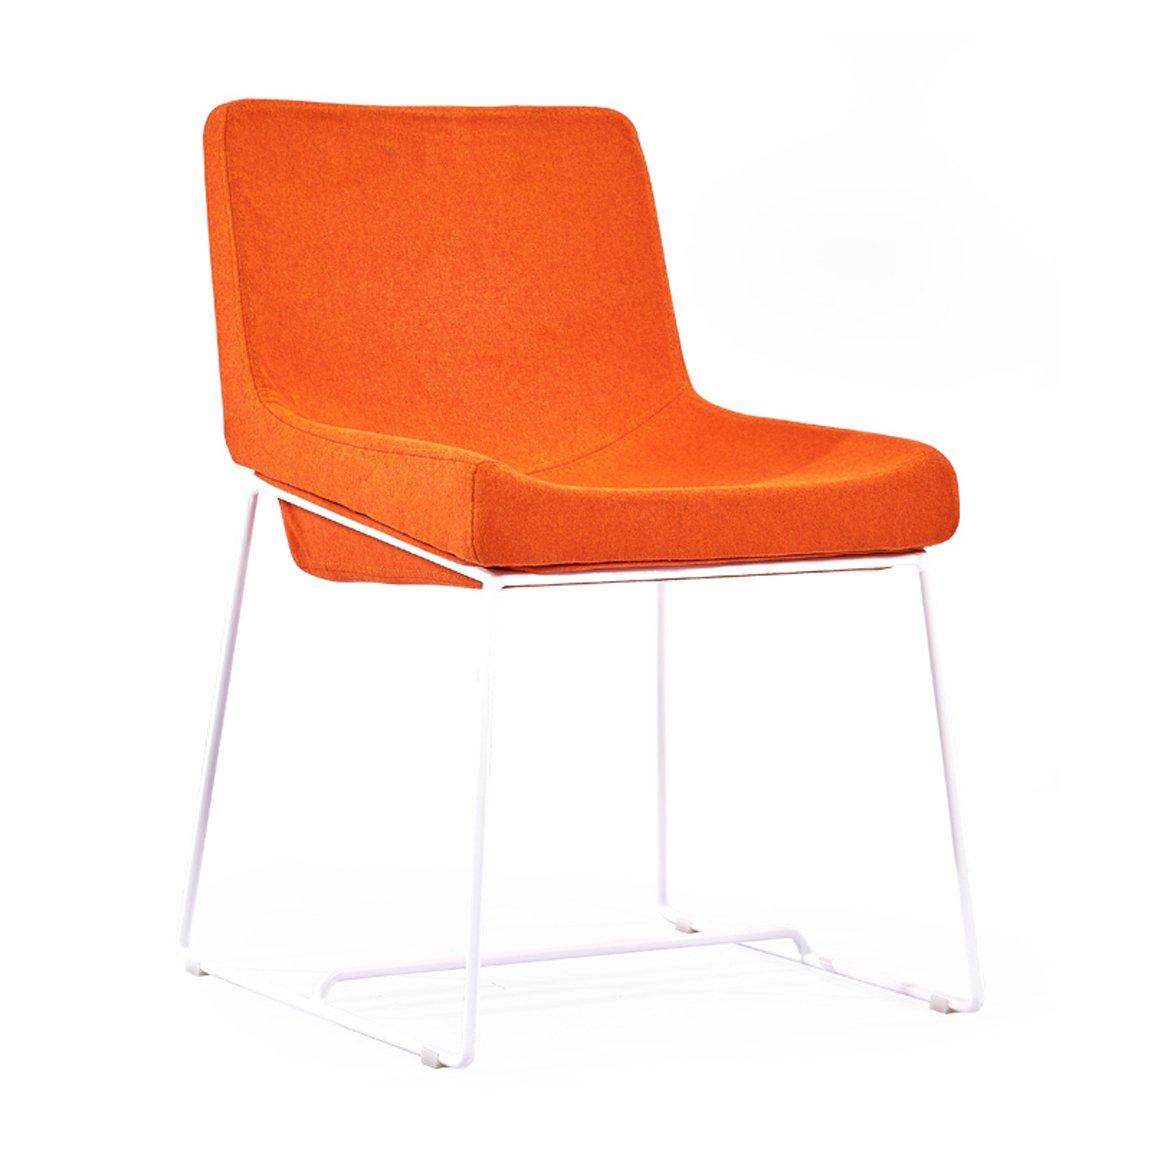 LRW Silla Europea Silla de Comedor de Arte Creativo de Moda de Hierro Moderna Silla de Comedor de Cafetería de Simple Café Moderno